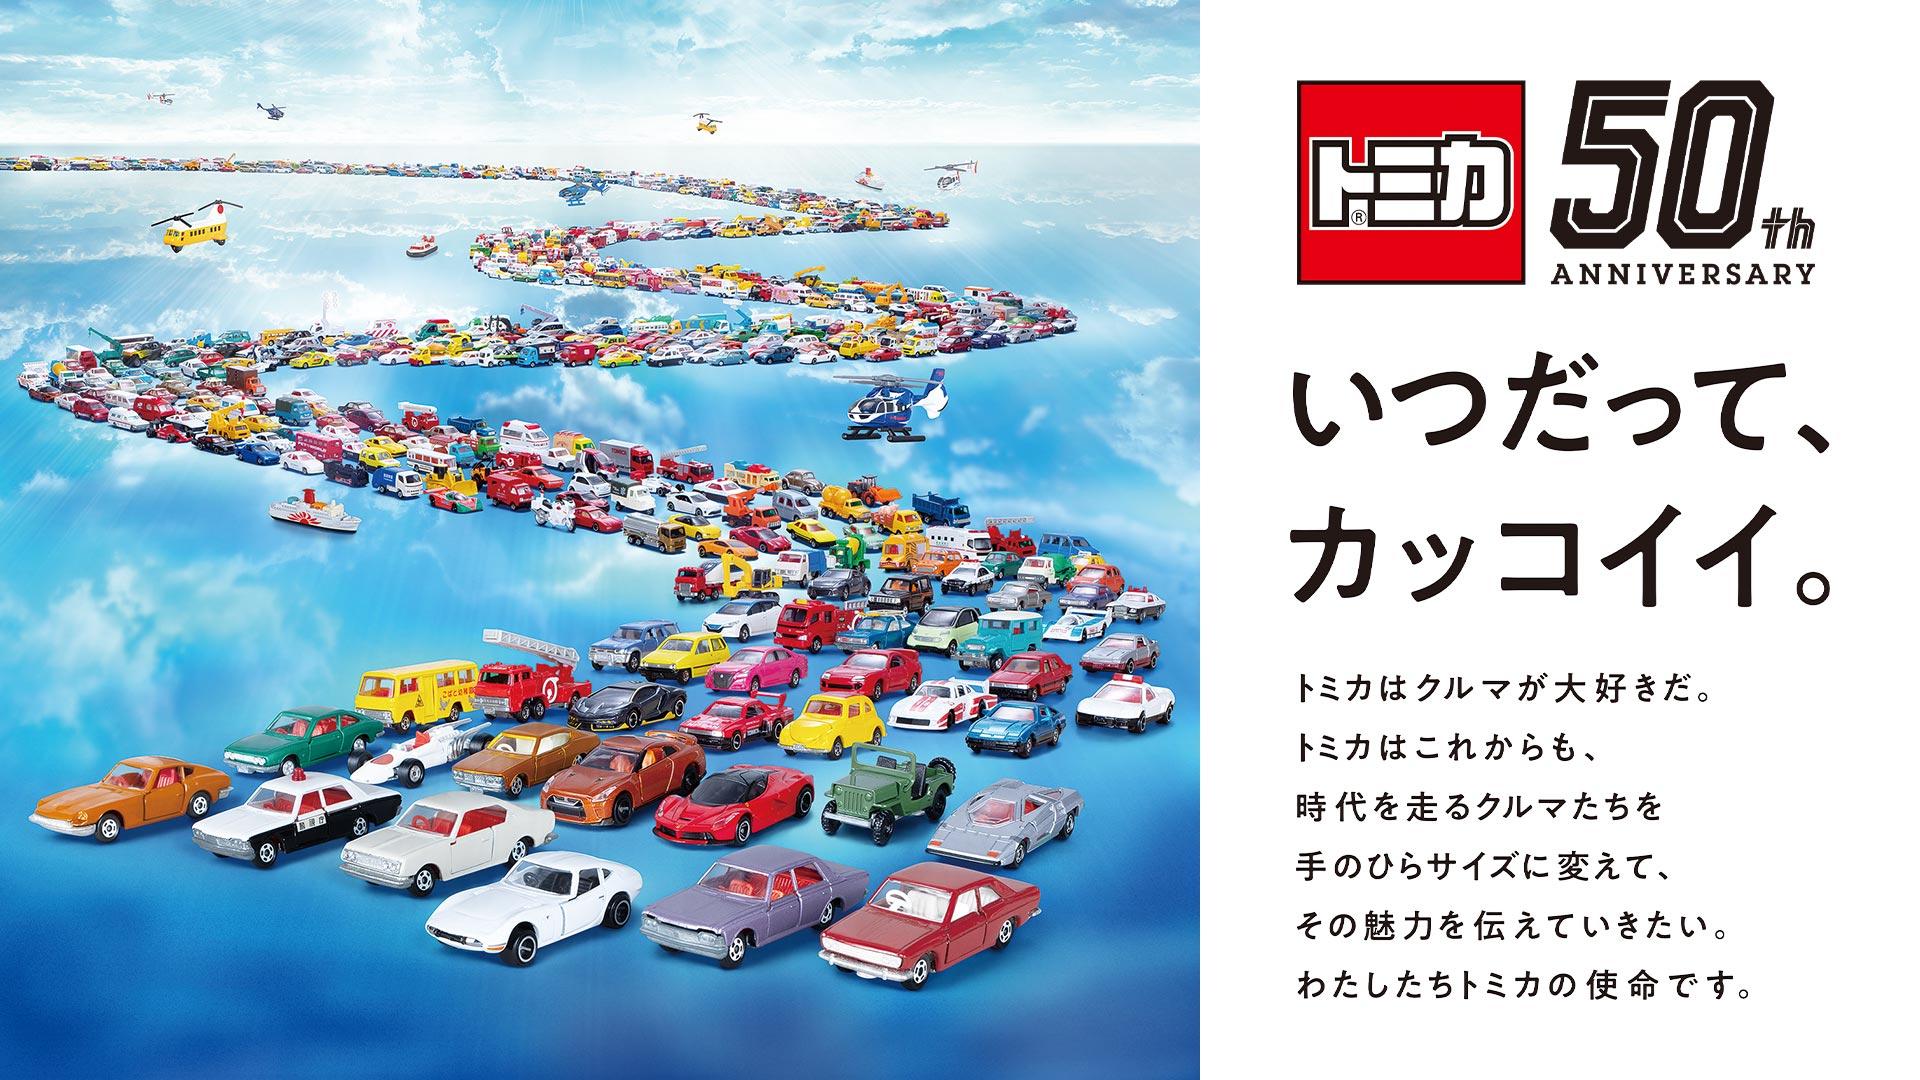 トミカは2020年に発売50周年! トミカ/ポケットトミカのプライズページを公開しました。